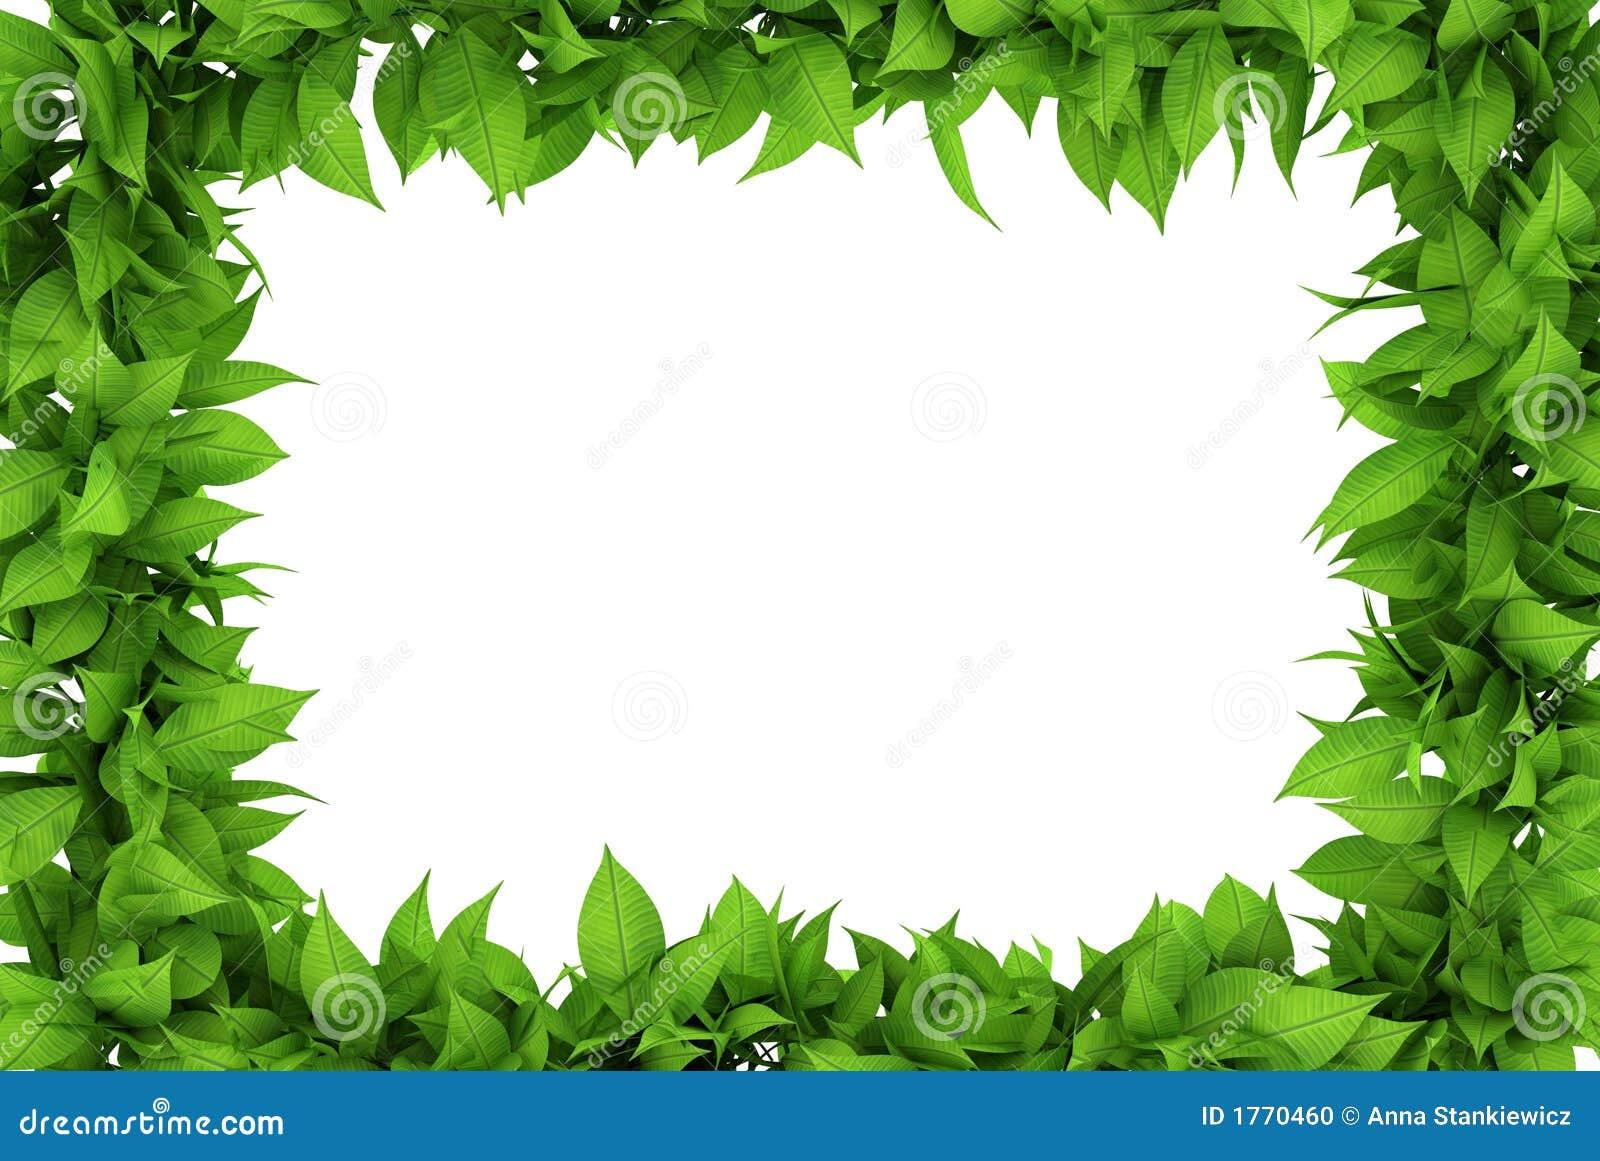 3D Rindi El Marco Floral Con Fondo Blanco